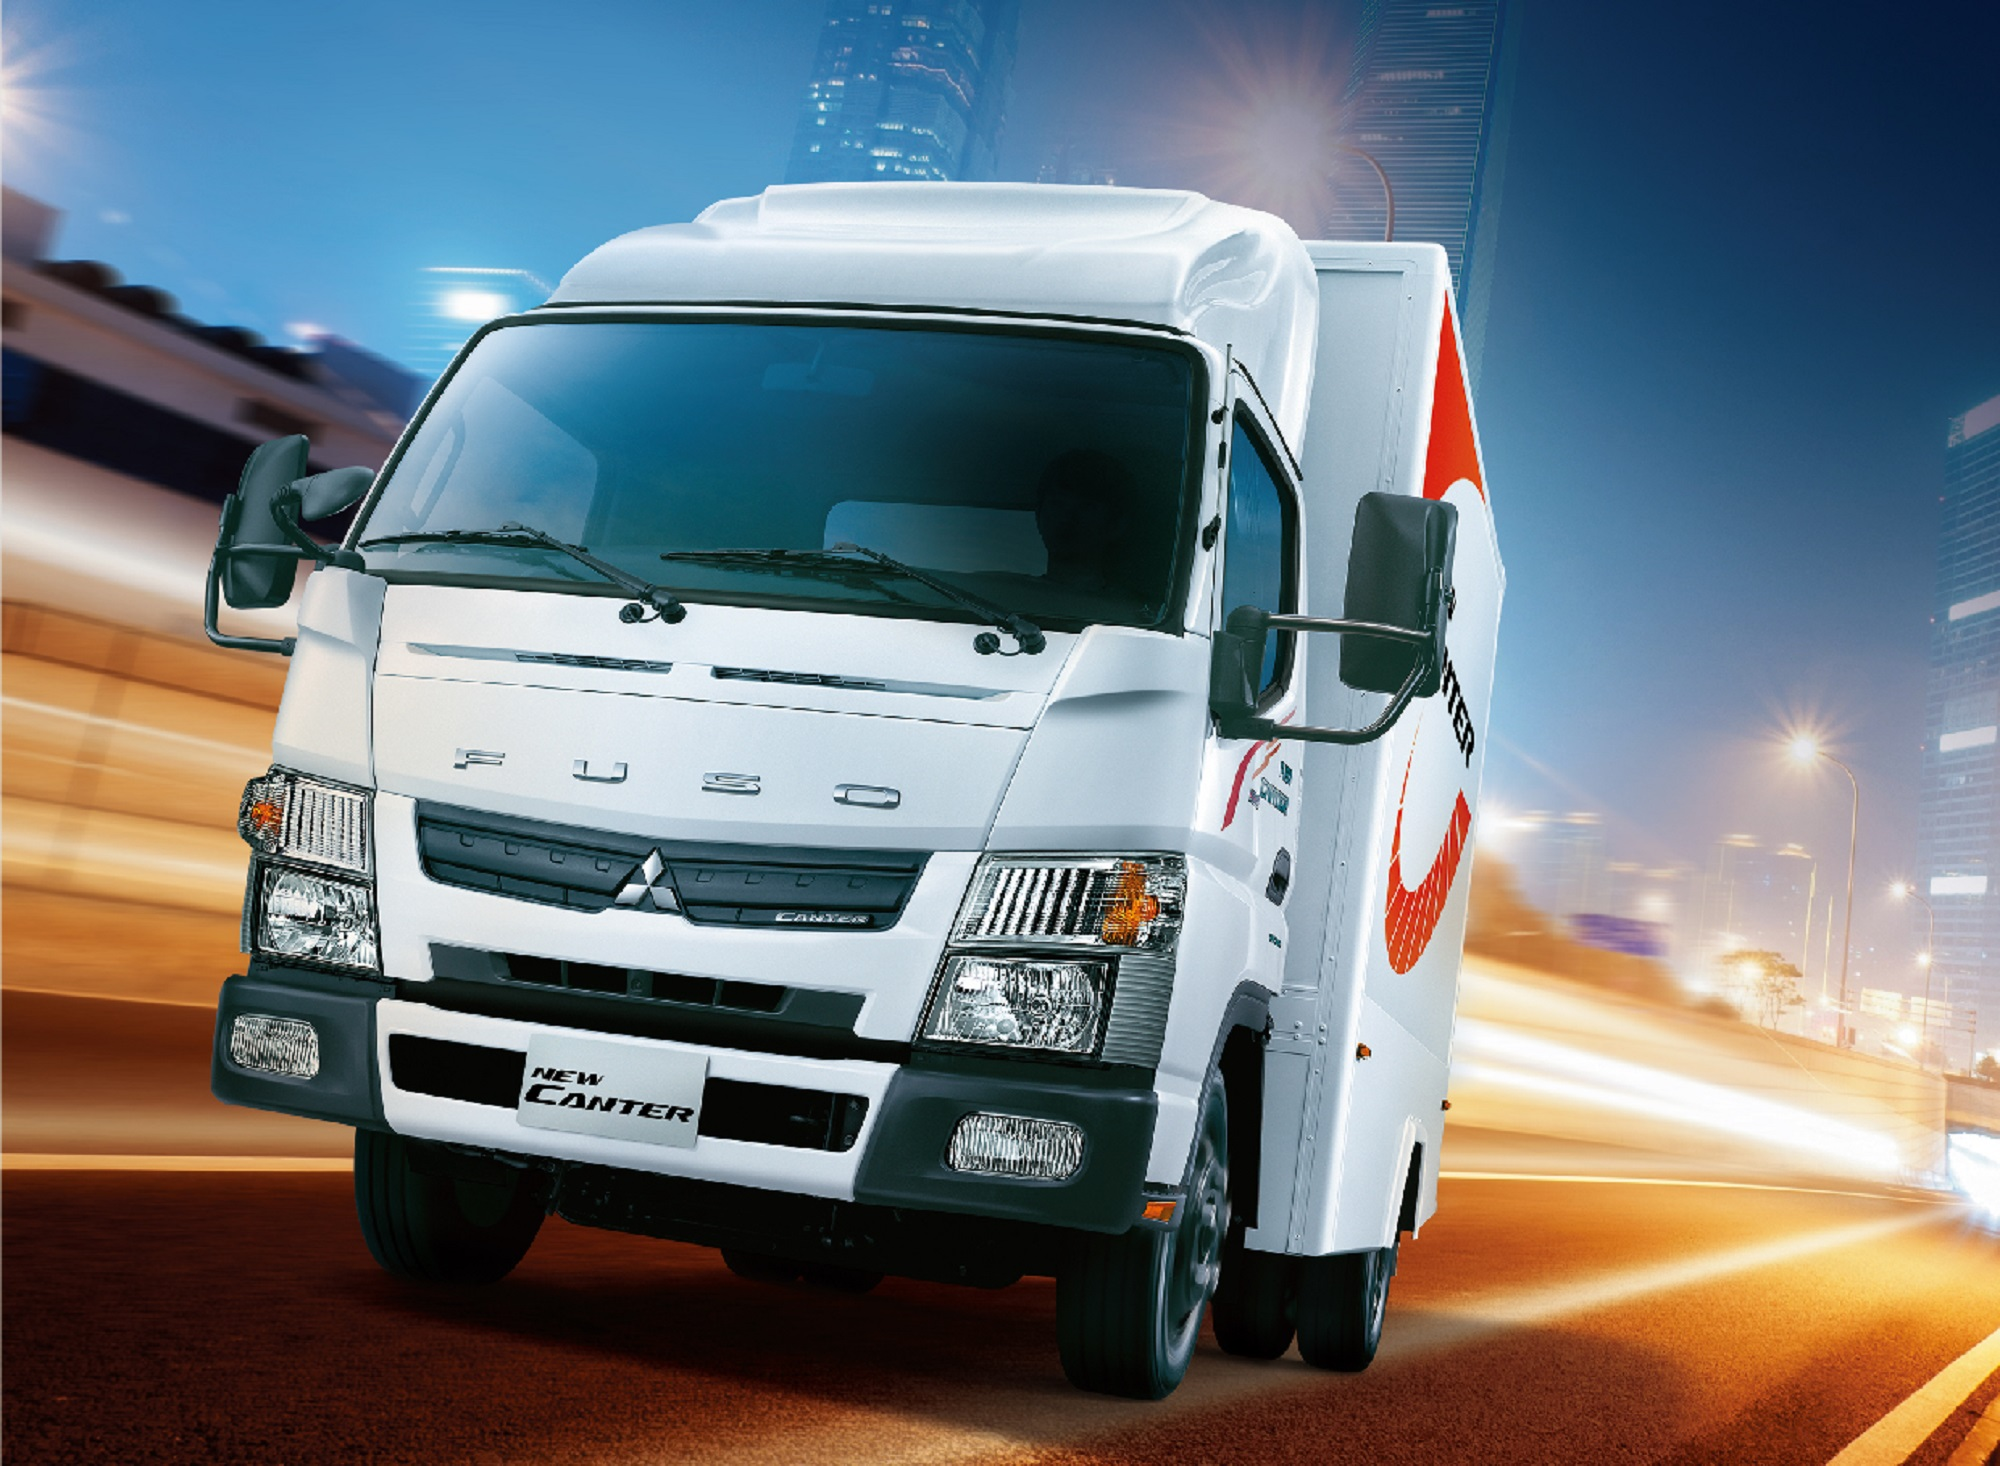 Fuso 3.5 噸商車達成 4,381 台的銷售,該級距市場佔比高達 43%。